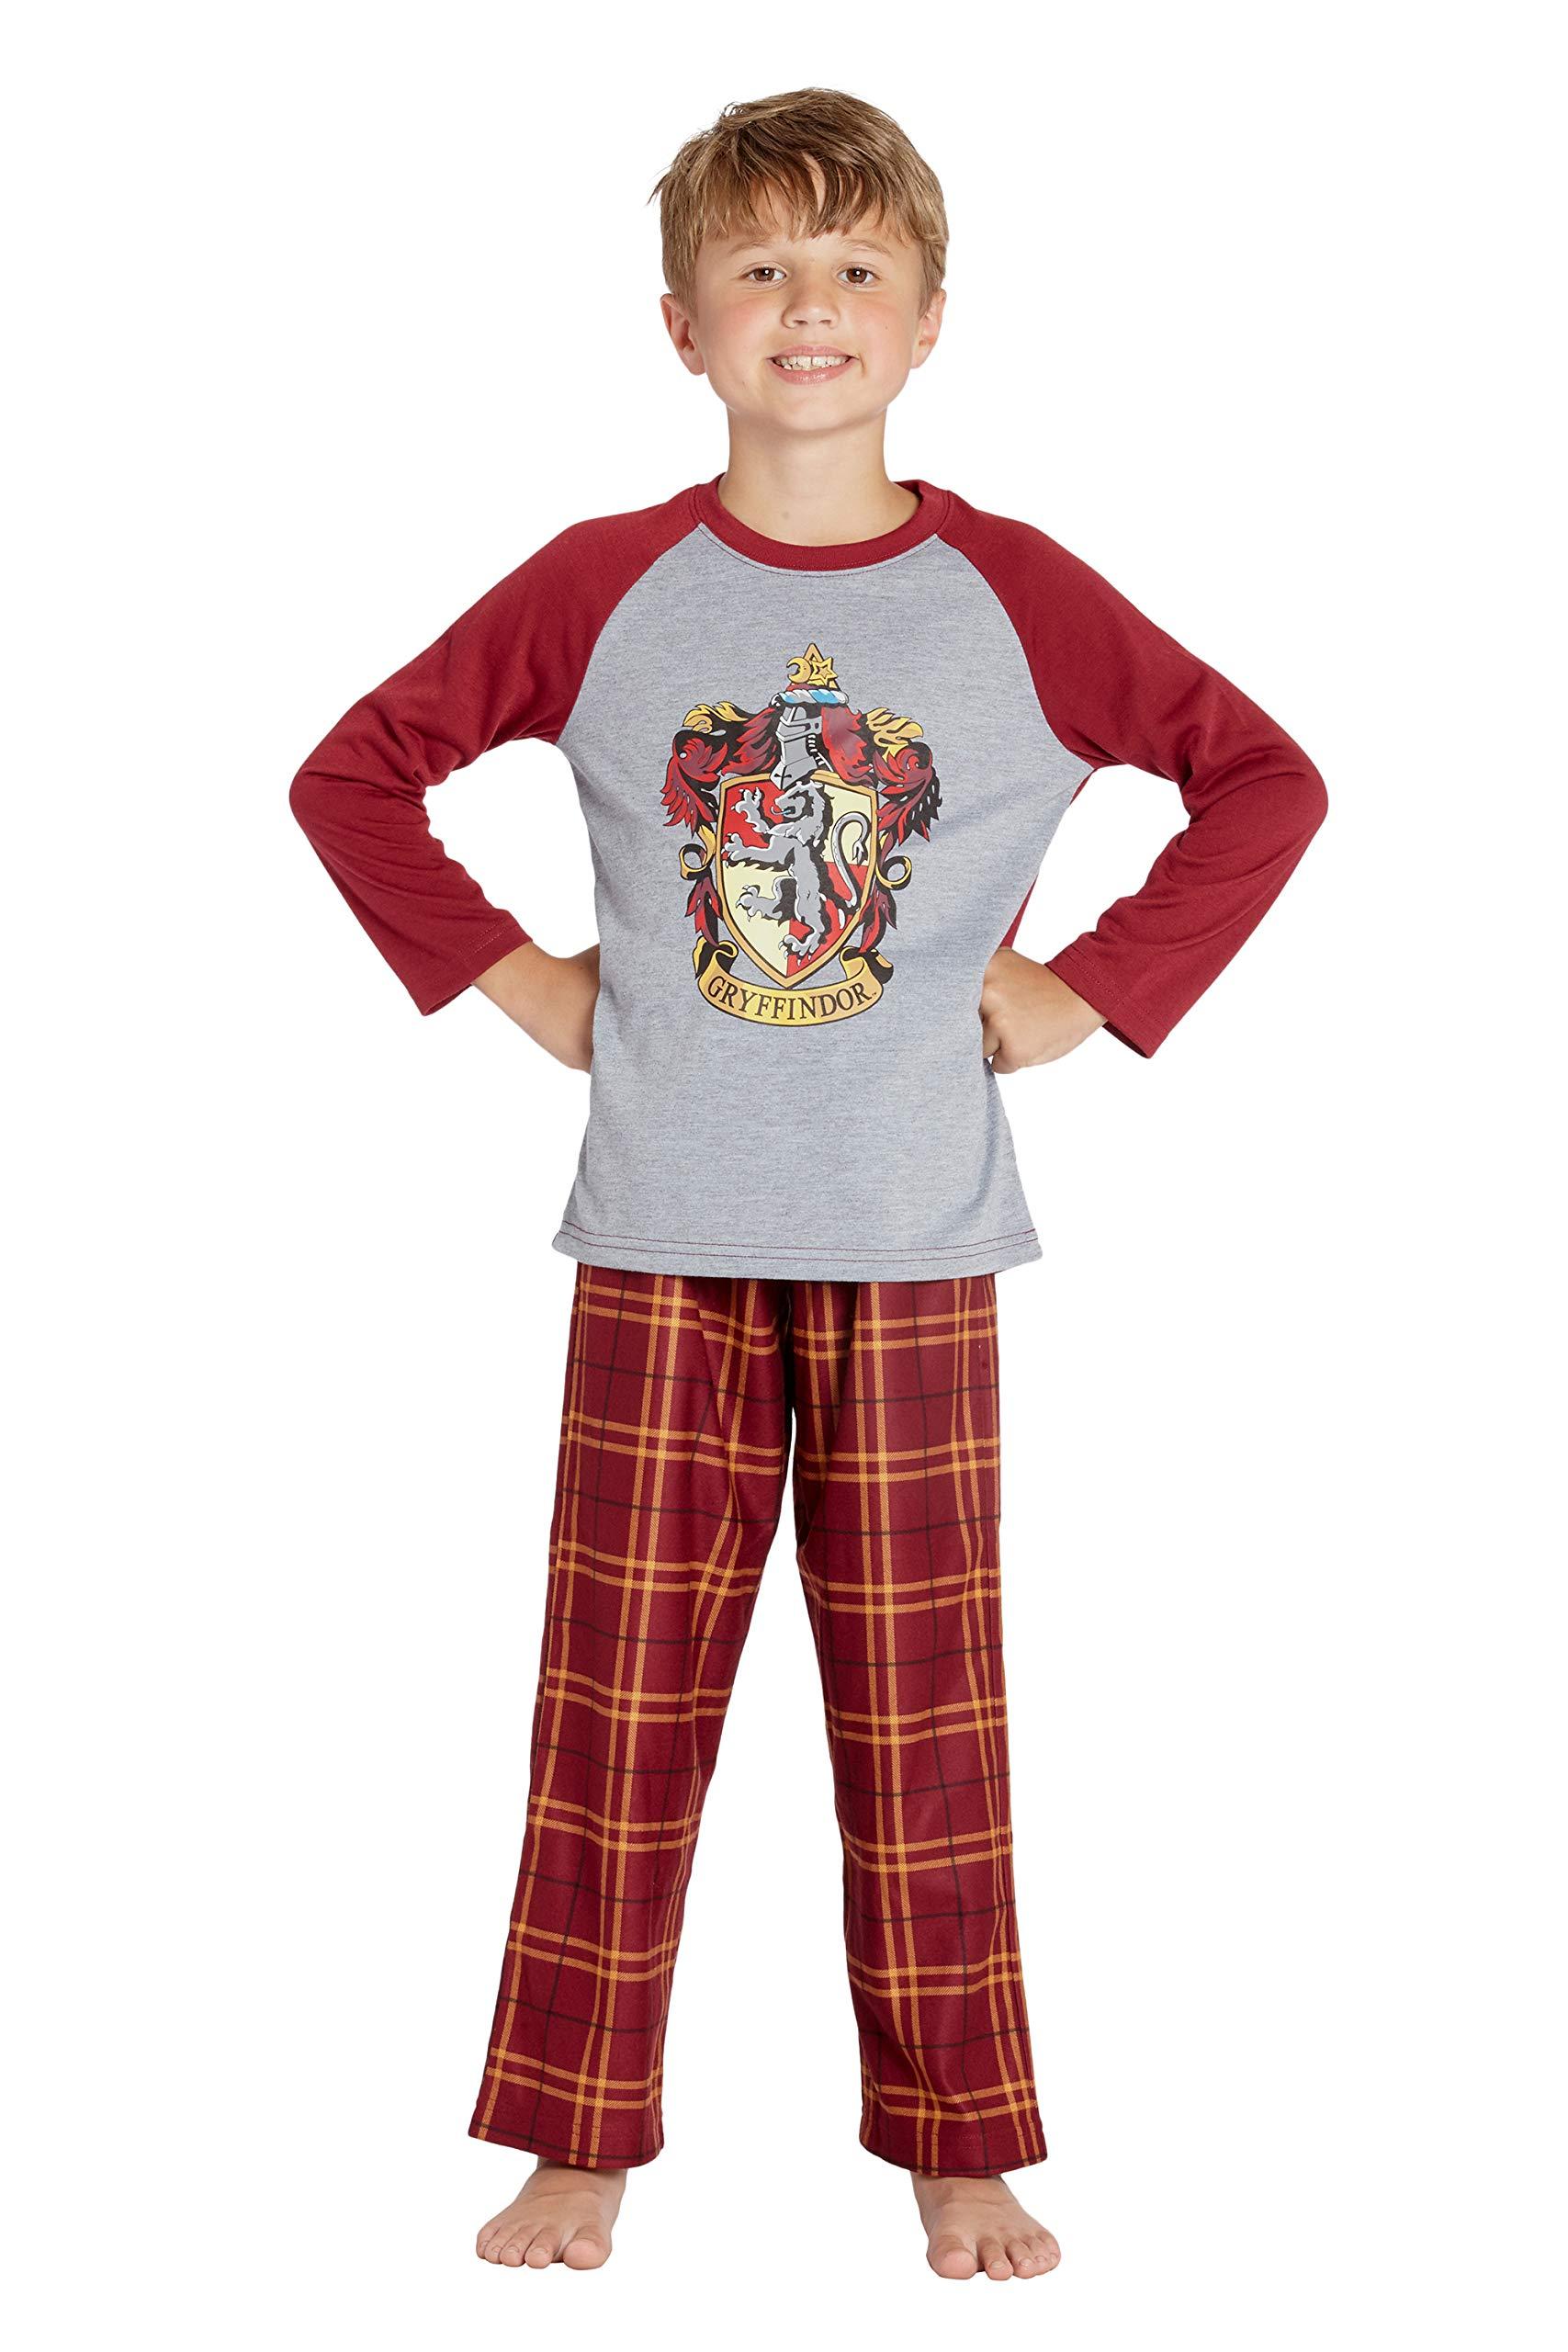 Harry Potter Boys/' Raglan Shirt And Plaid Pajama Pants Set All 4 Houses